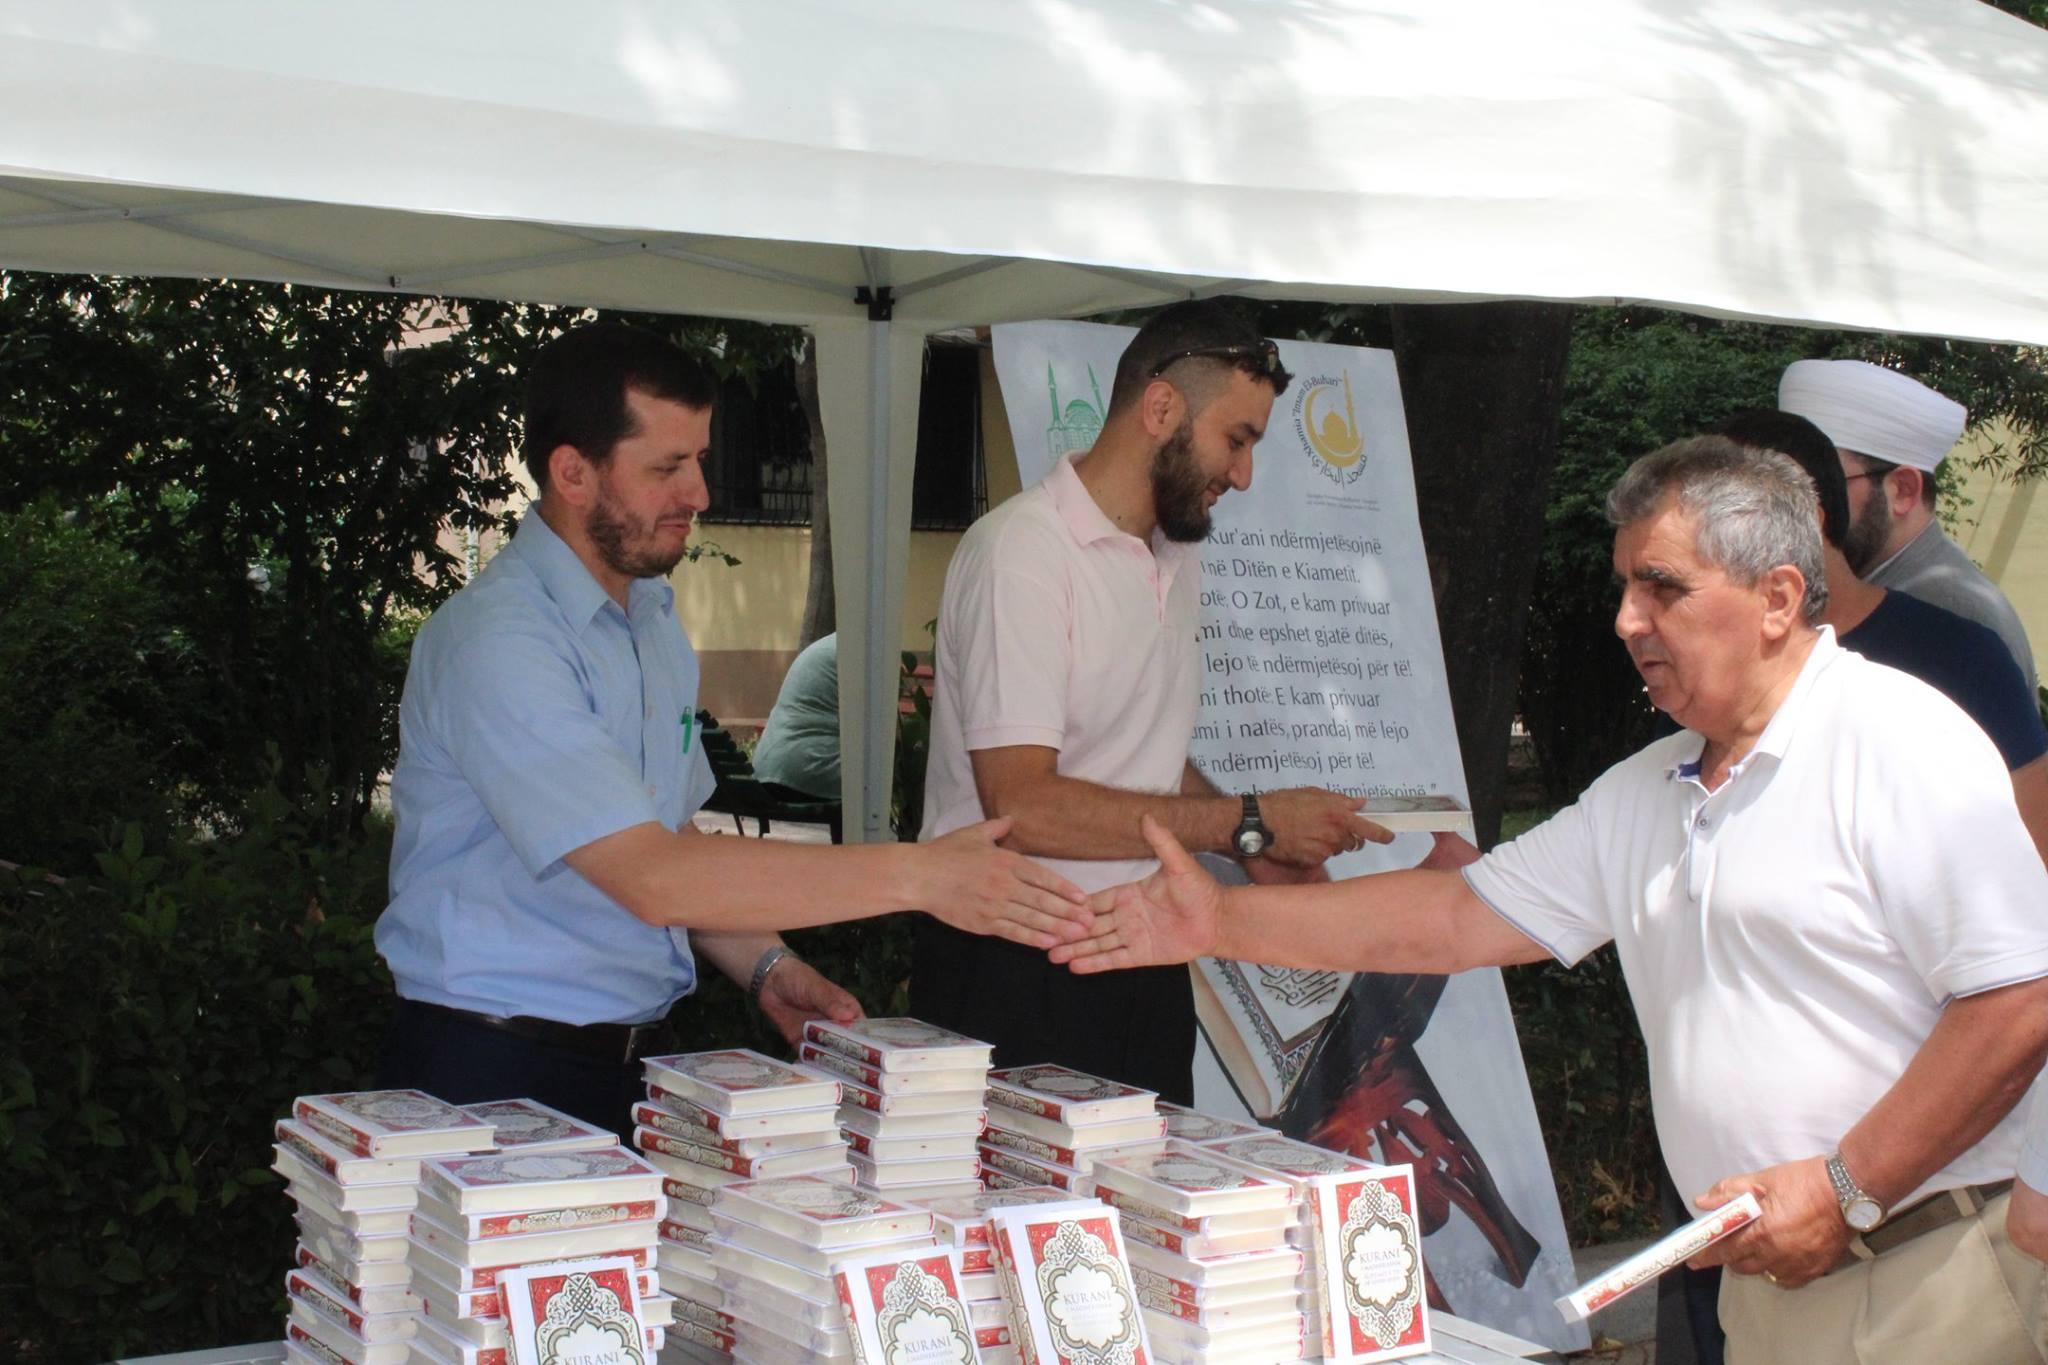 Shpërndarja e përkthimit të Kur'anit mbyll Ramazanin 2017